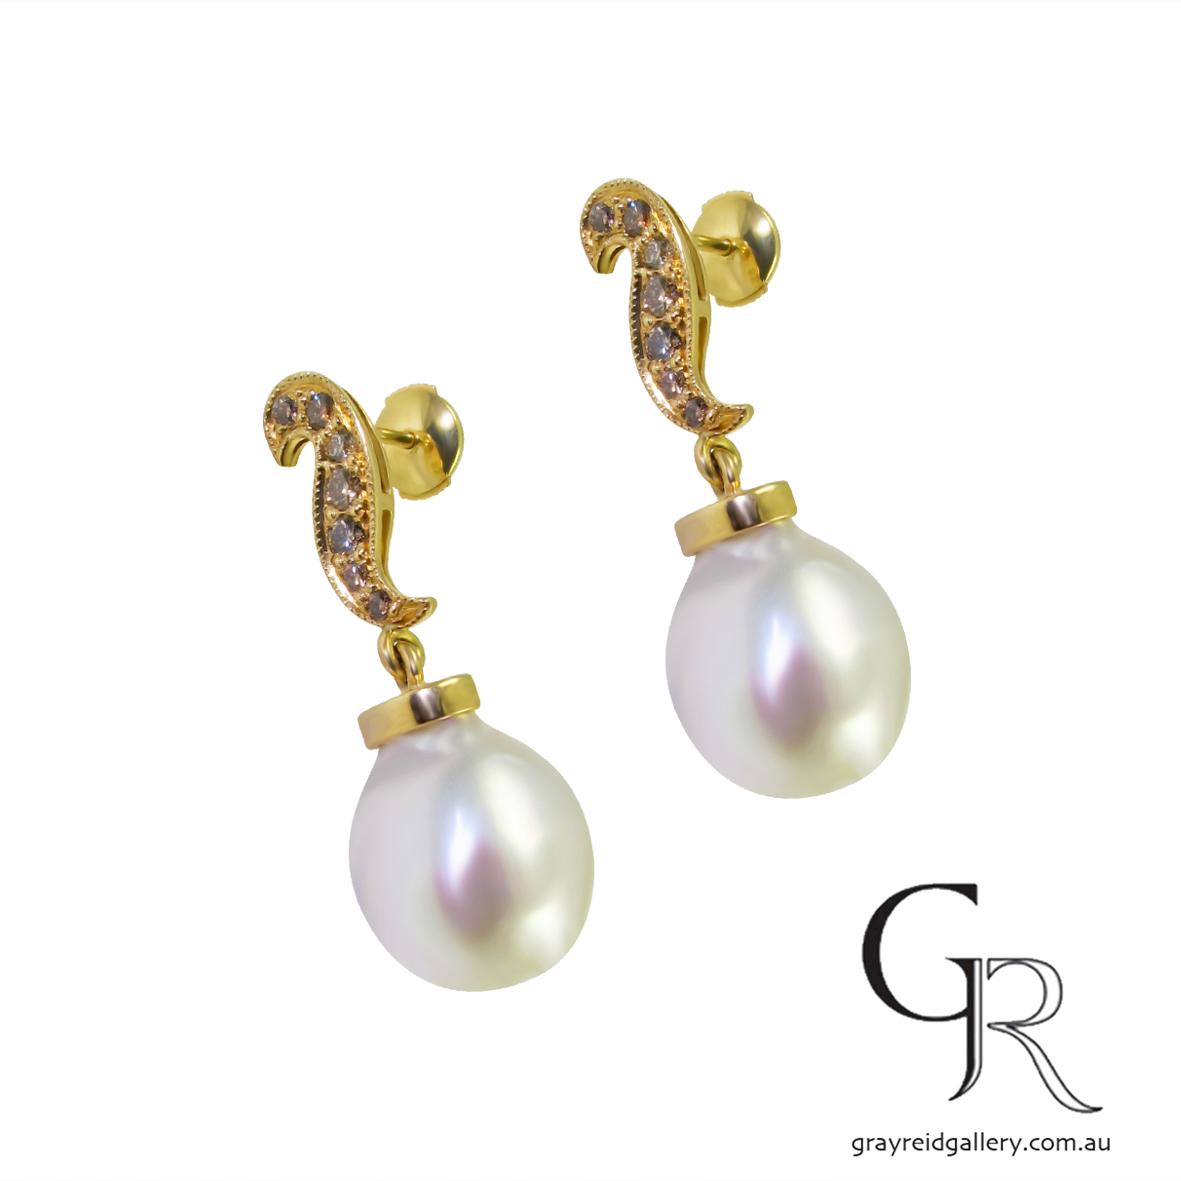 earrings pearl and cognac diamond Sonya Kelly Melbourne Gray Reid Gallery-11-25 14.46.17.jpg